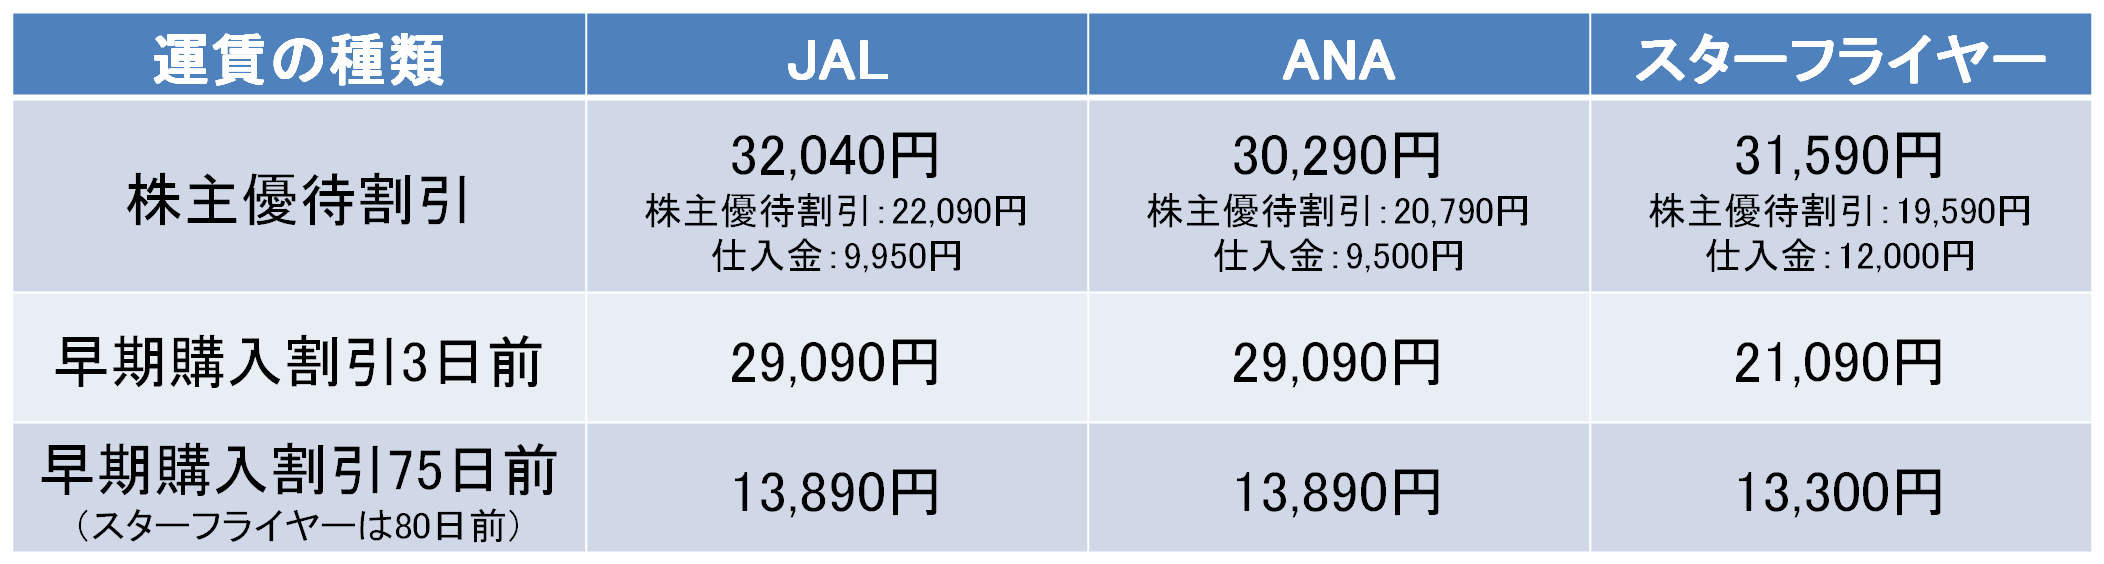 羽田-福岡間の株主優待と早割の料金比較